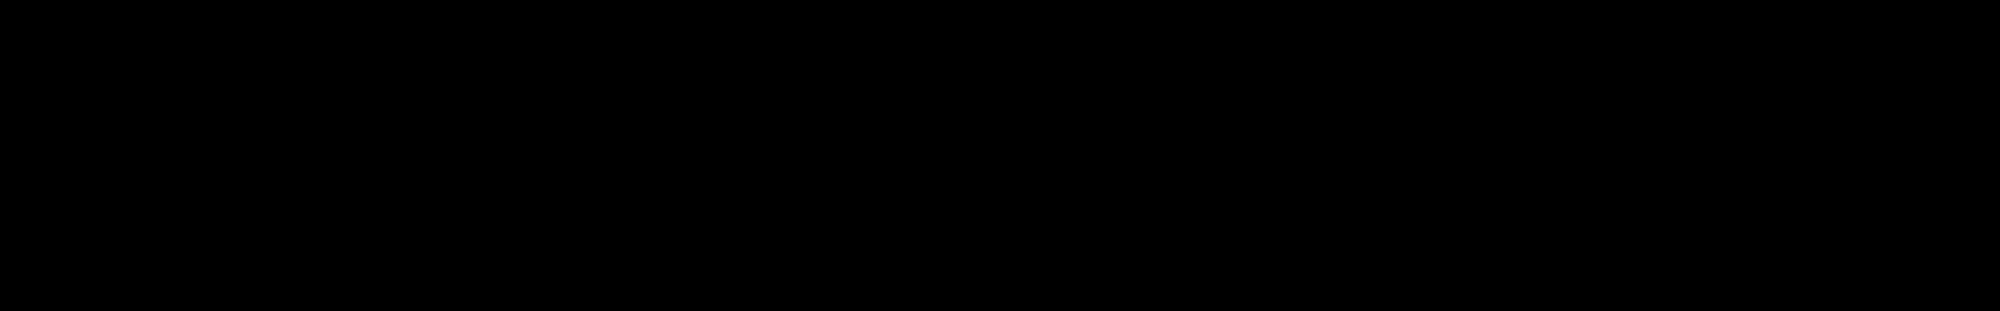 blackrock_logo_v2.png